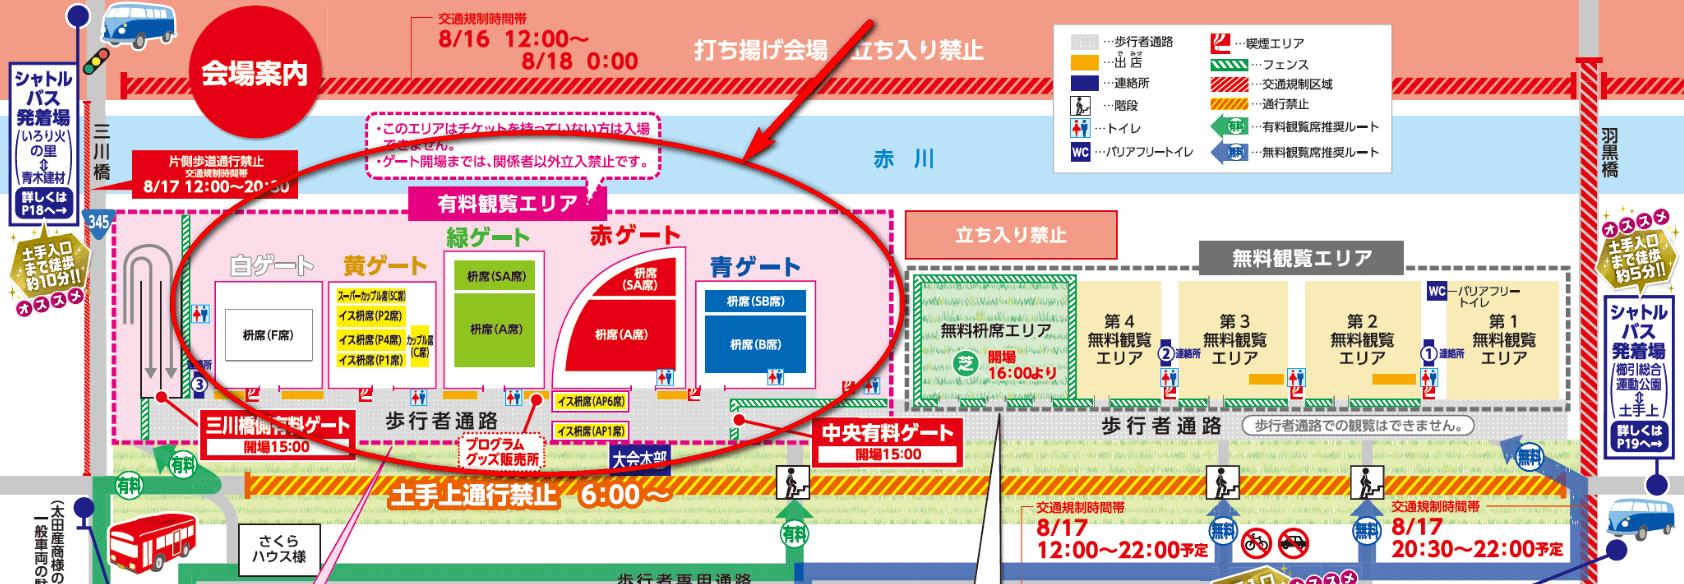 赤川花火大会 観覧席 地図